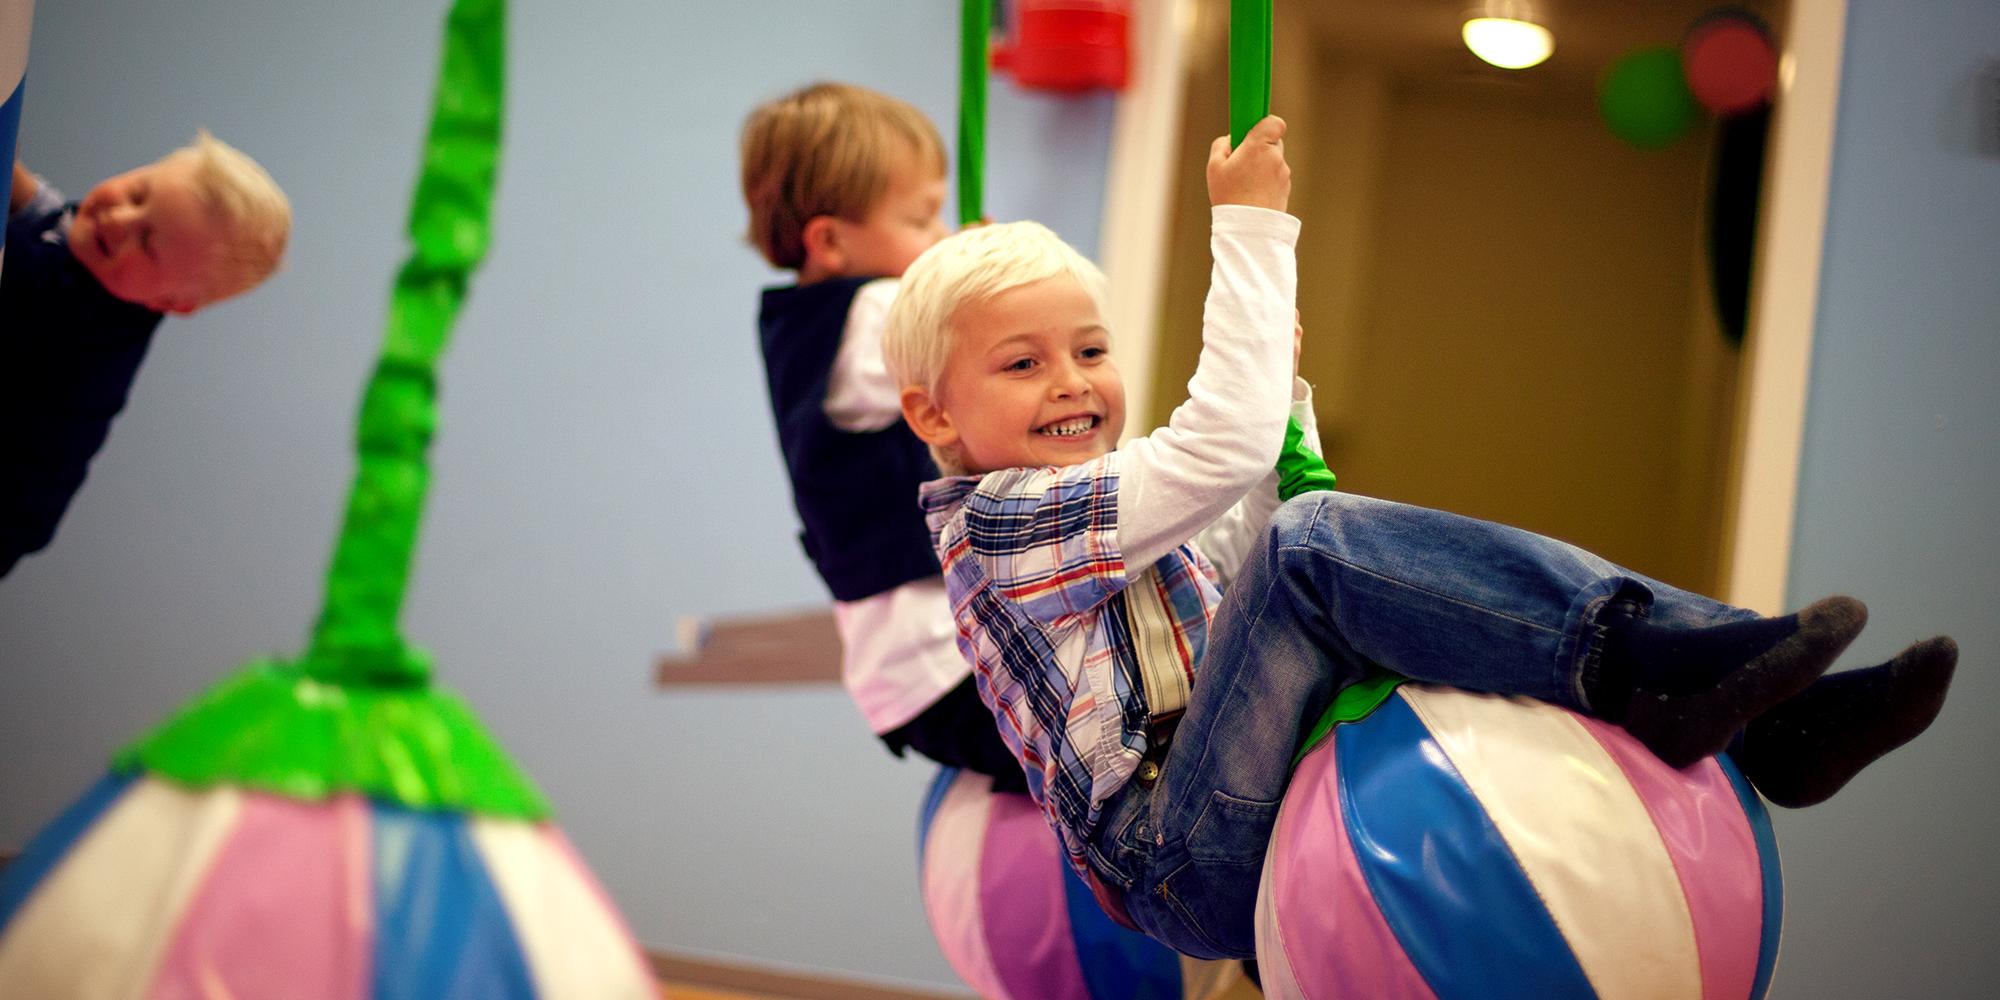 Lykkeland, a play centre in Steinkjer - girl on a hanging ball. Copyright: Lykkeland